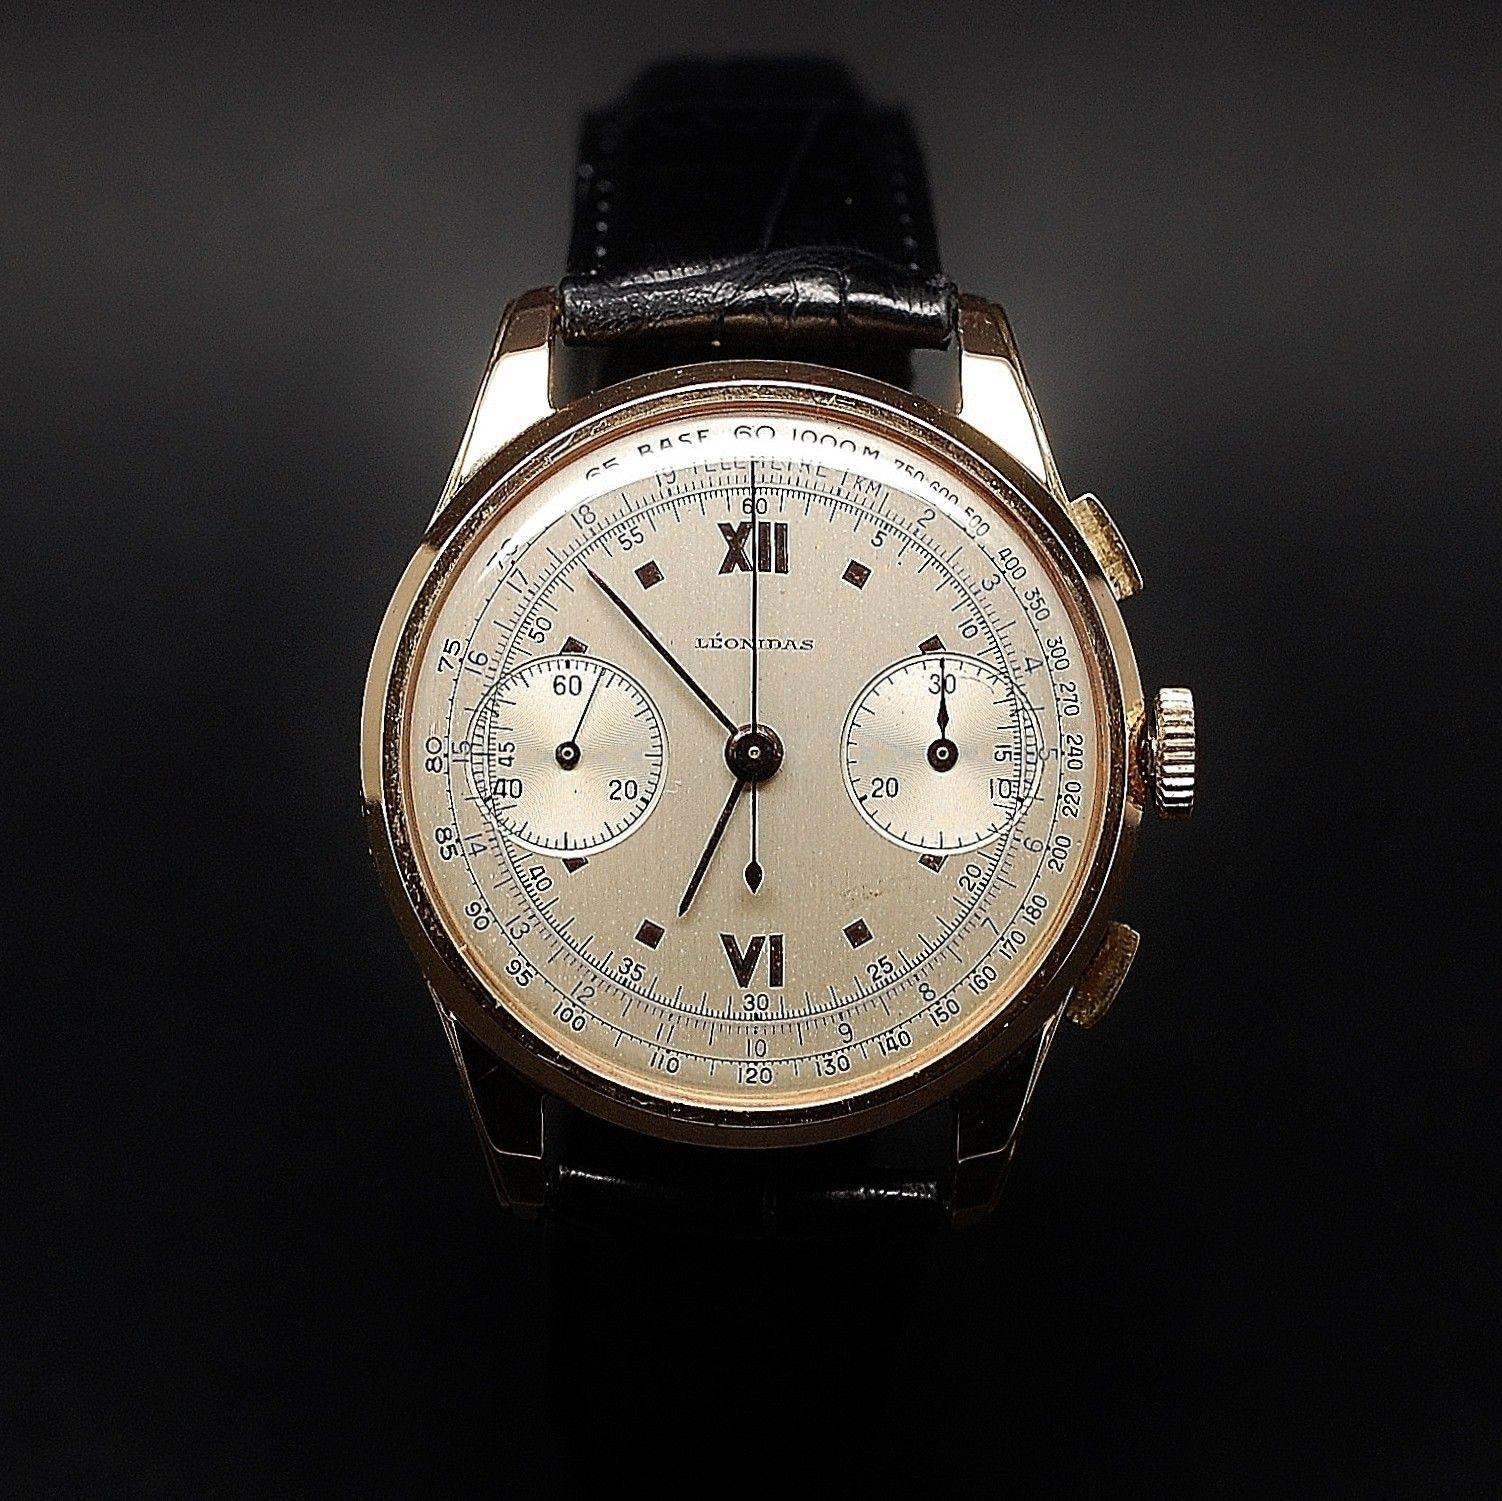 vendre 2200 montre leonidas vintage chronographe or. Black Bedroom Furniture Sets. Home Design Ideas